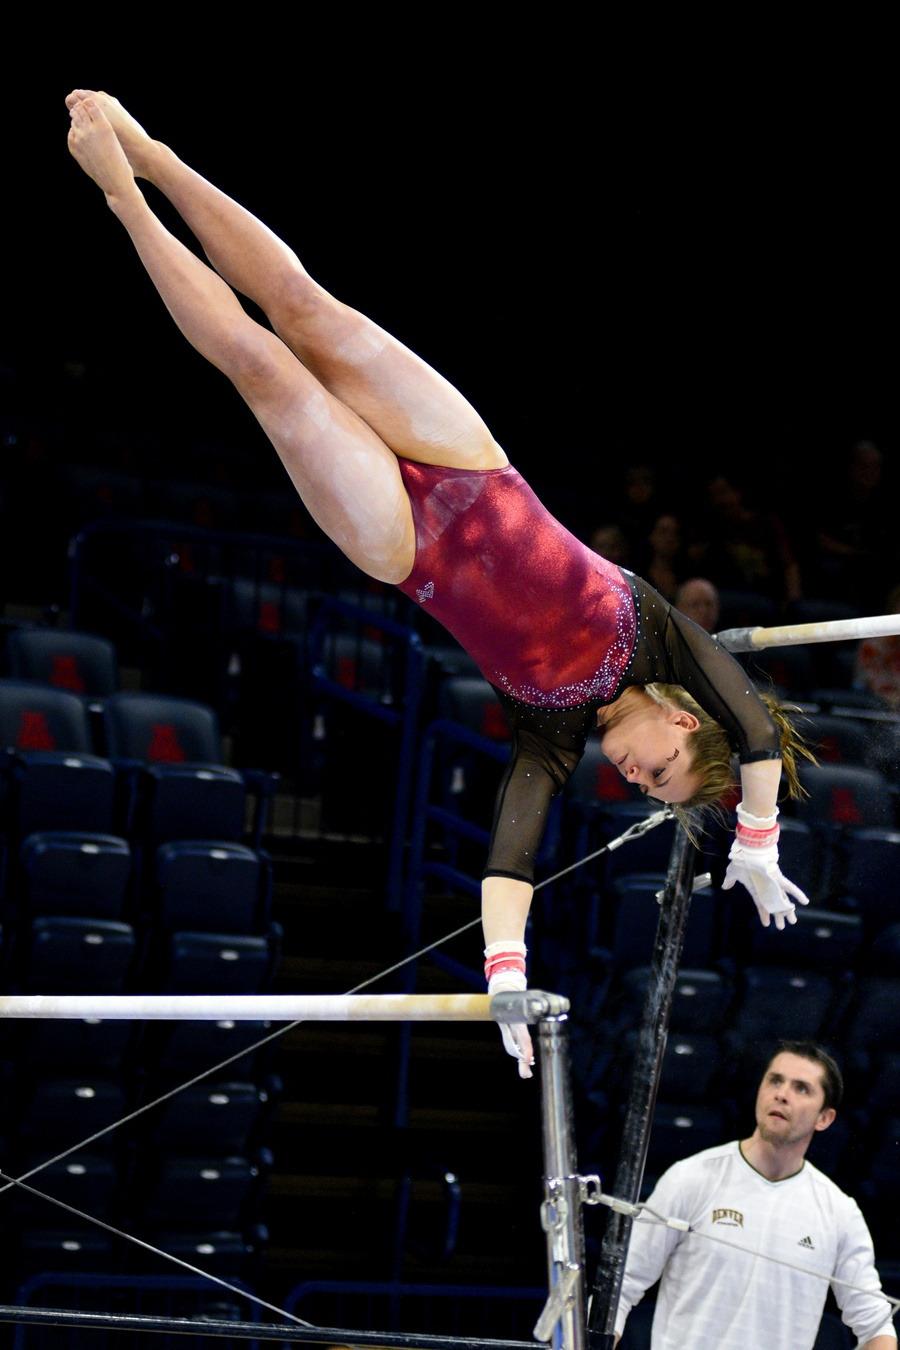 Rachel Feeken Denver Tucson AZ March 14 2015